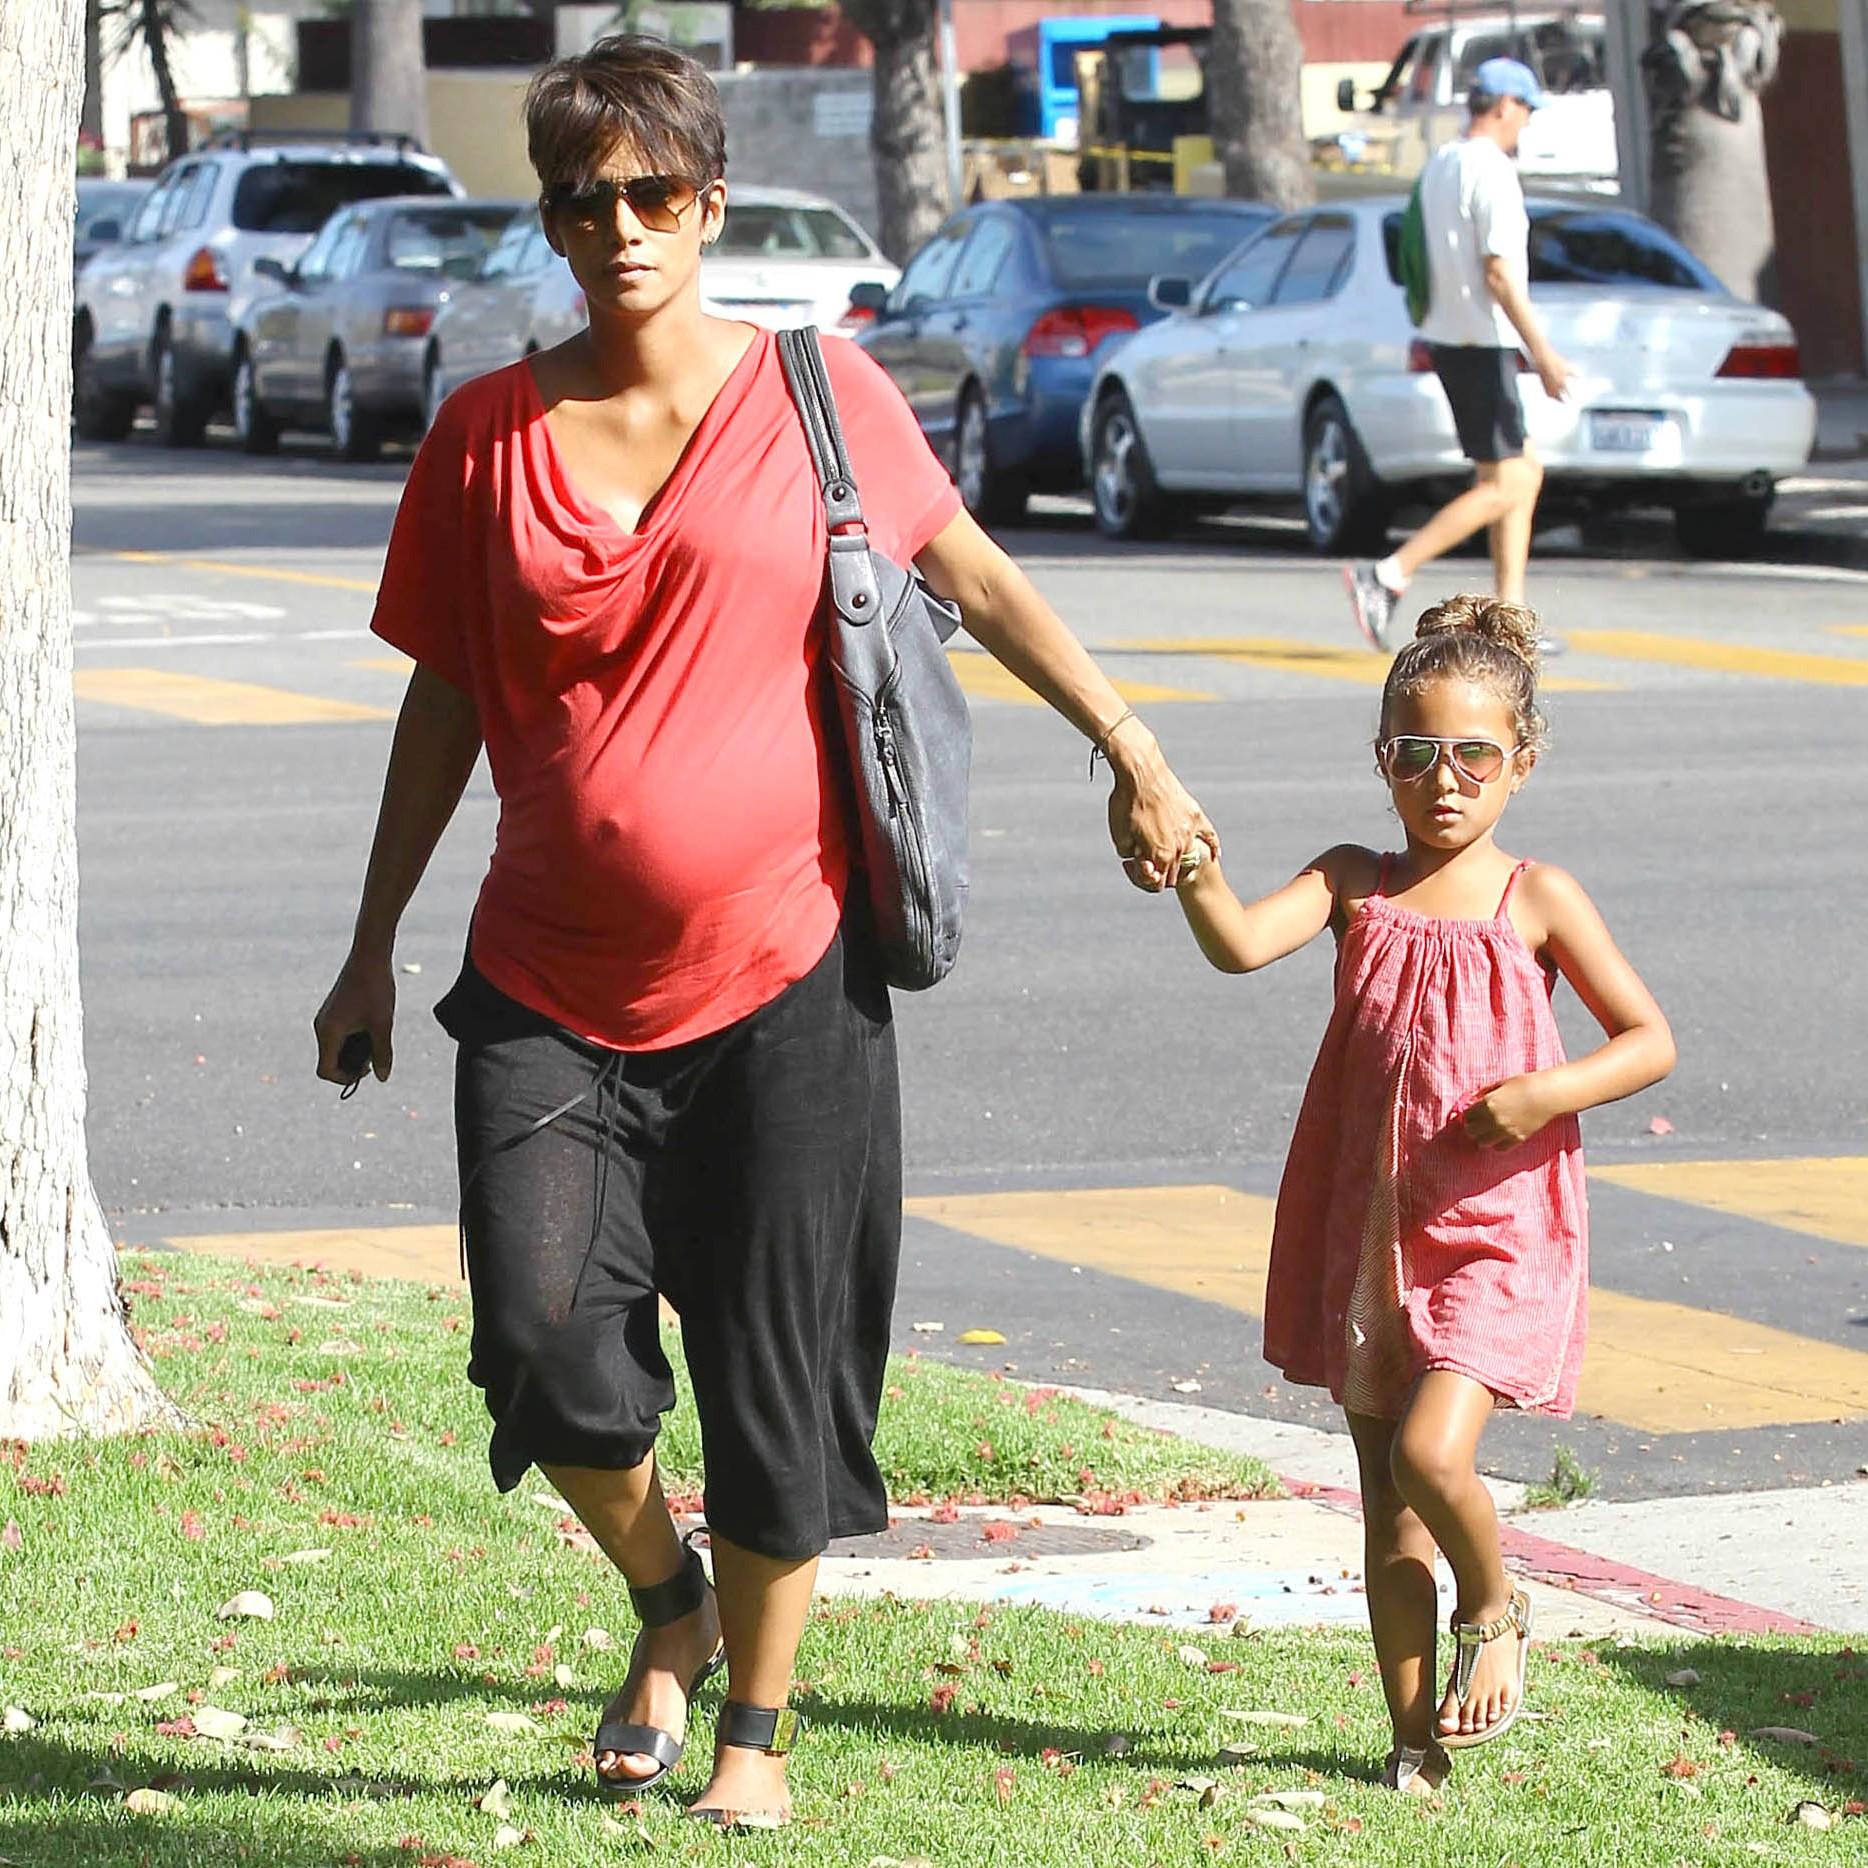 Em outubro de 2013, a atriz Halle Berry deu à luz Maceo, fruto do casamento com o ator francês Olivier Martinez. Porém, ela cria sozinha sua primogênita, Nahla Ariela. (Foto: Getty Images)